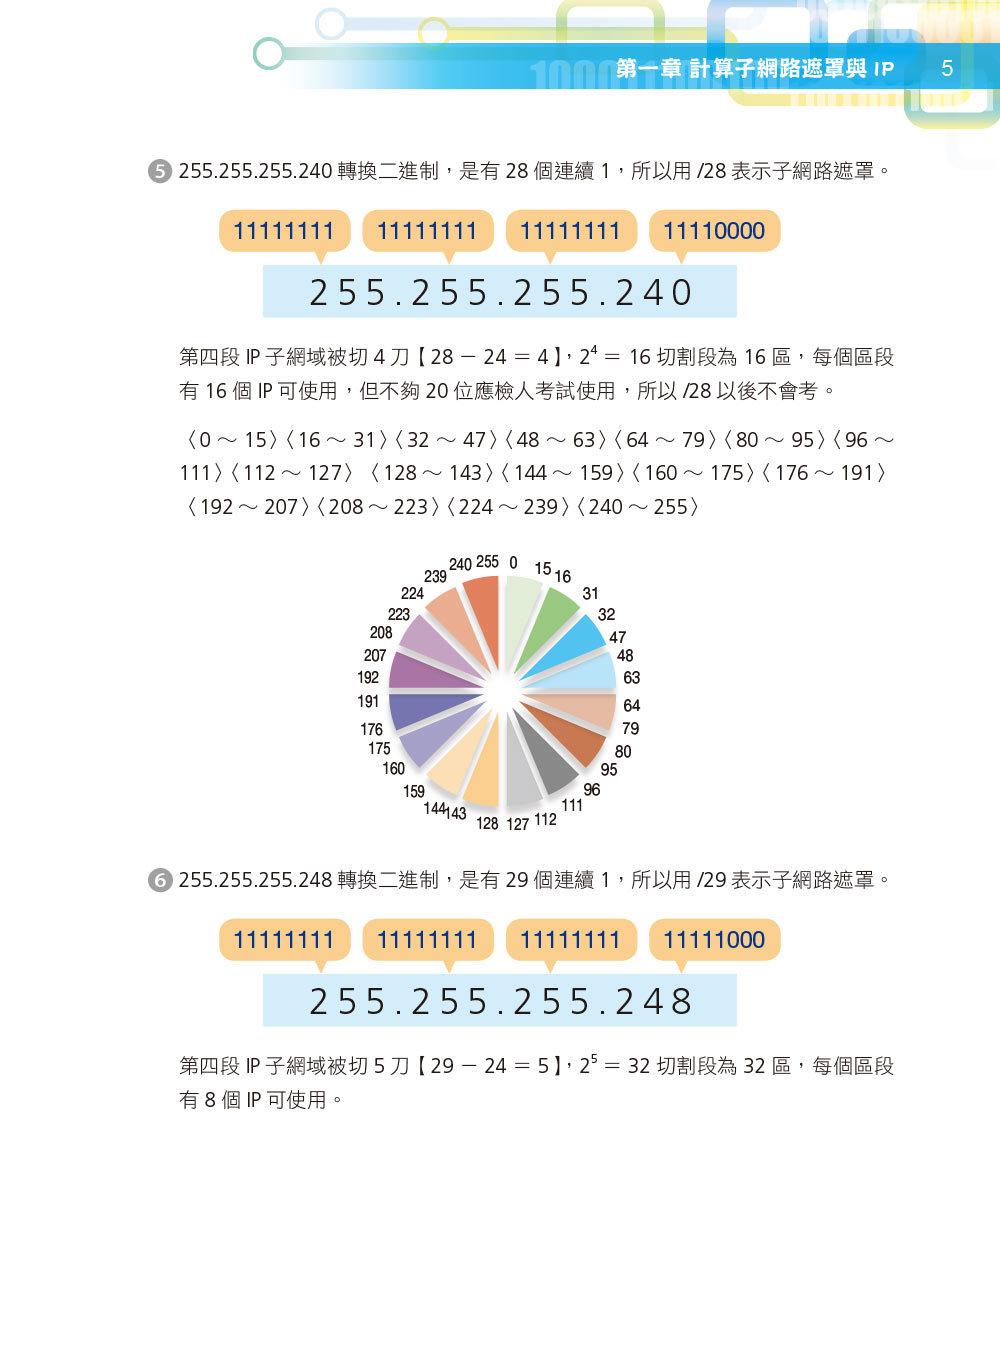 網路架設丙級技能檢定學術科 2021版-preview-4